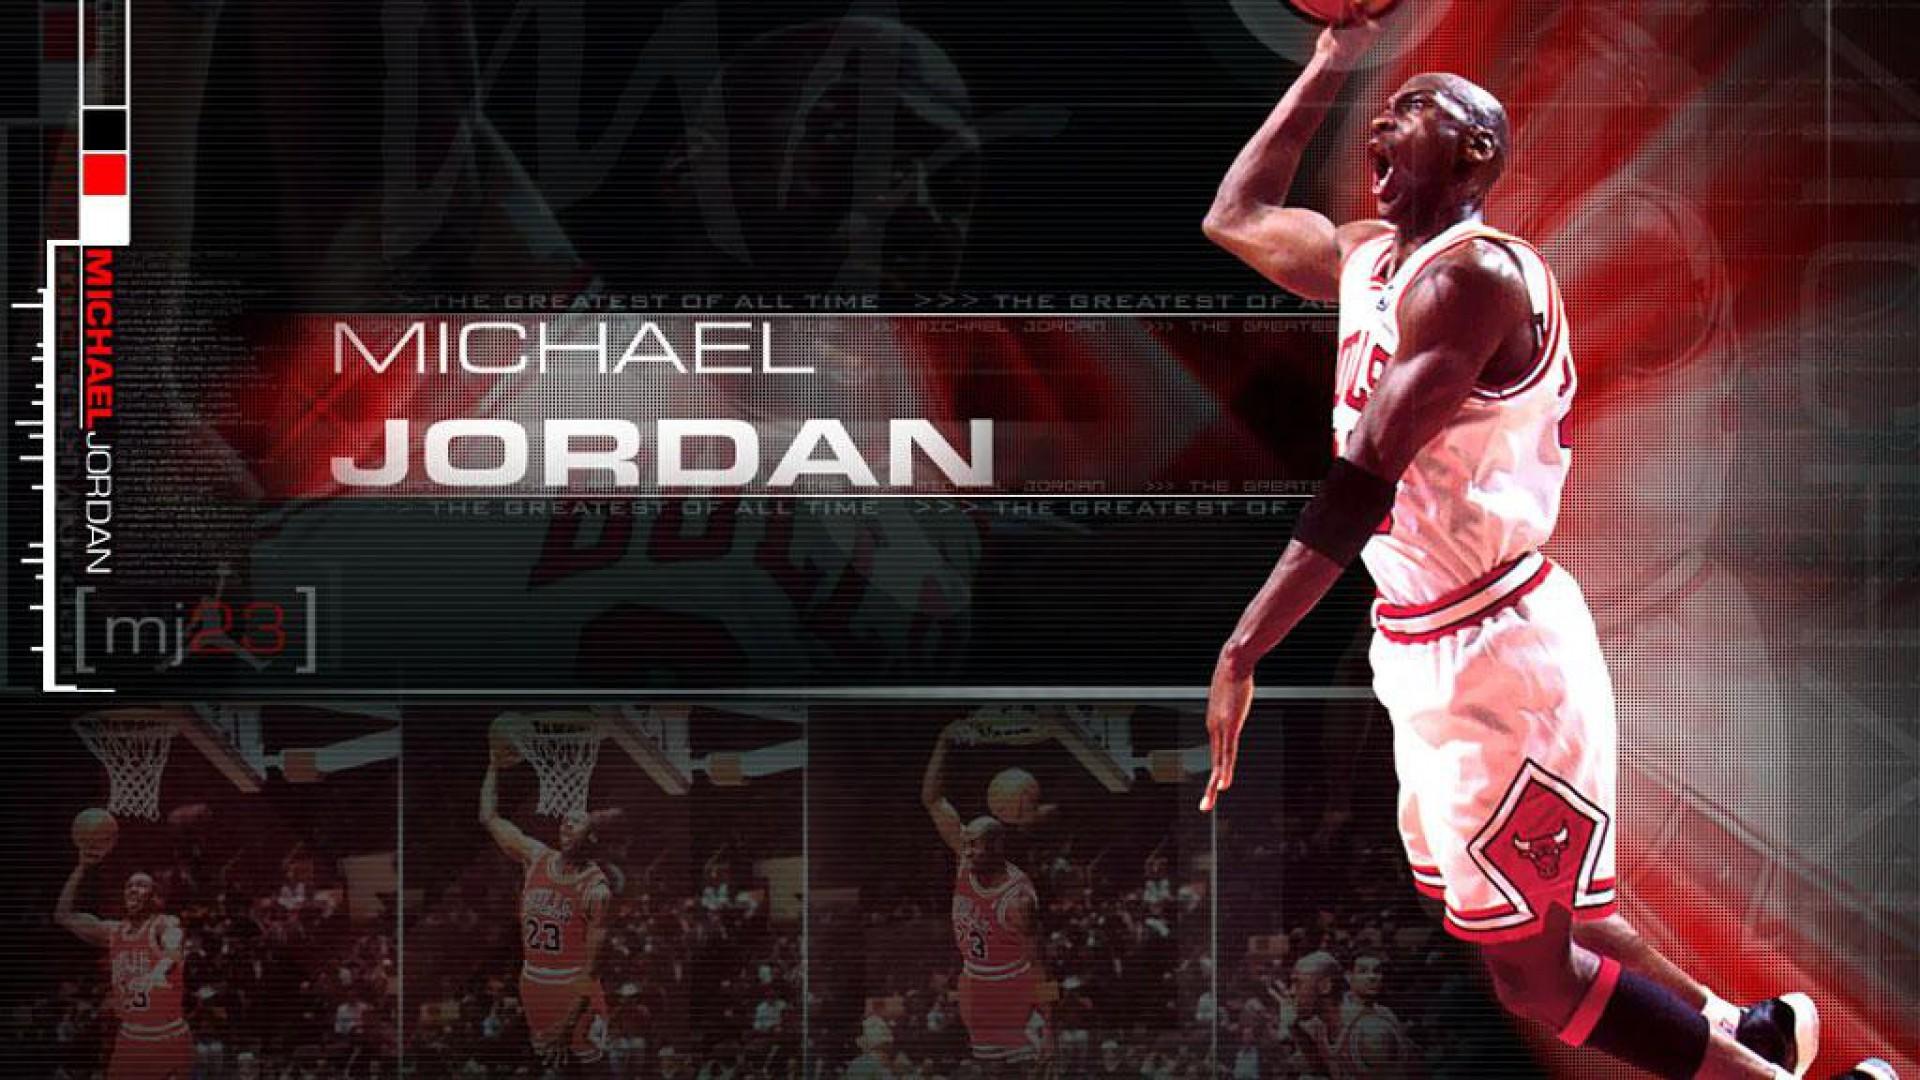 Michael Jordan Wallpapers 1080p (53 Wallpapers)